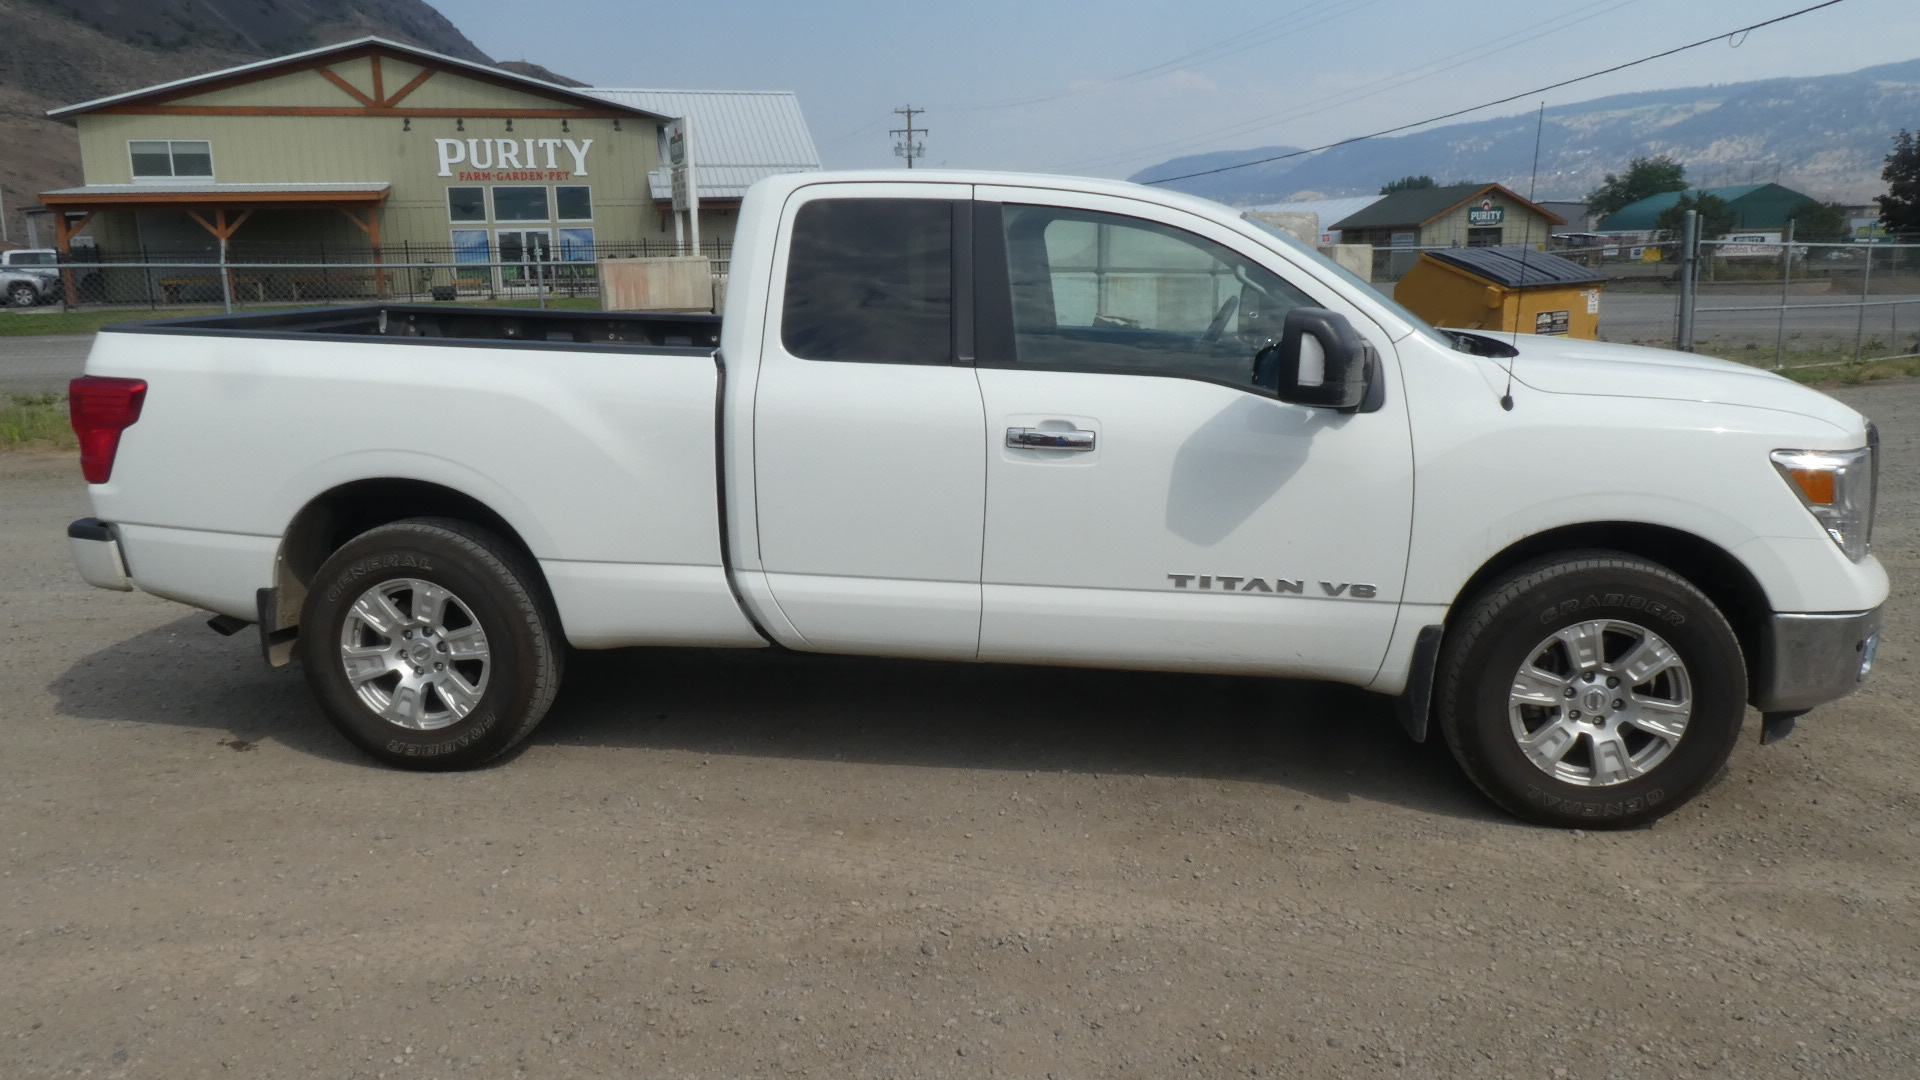 2018 Nissan Titan SV #B-KAM-0232 Located in Kamloops